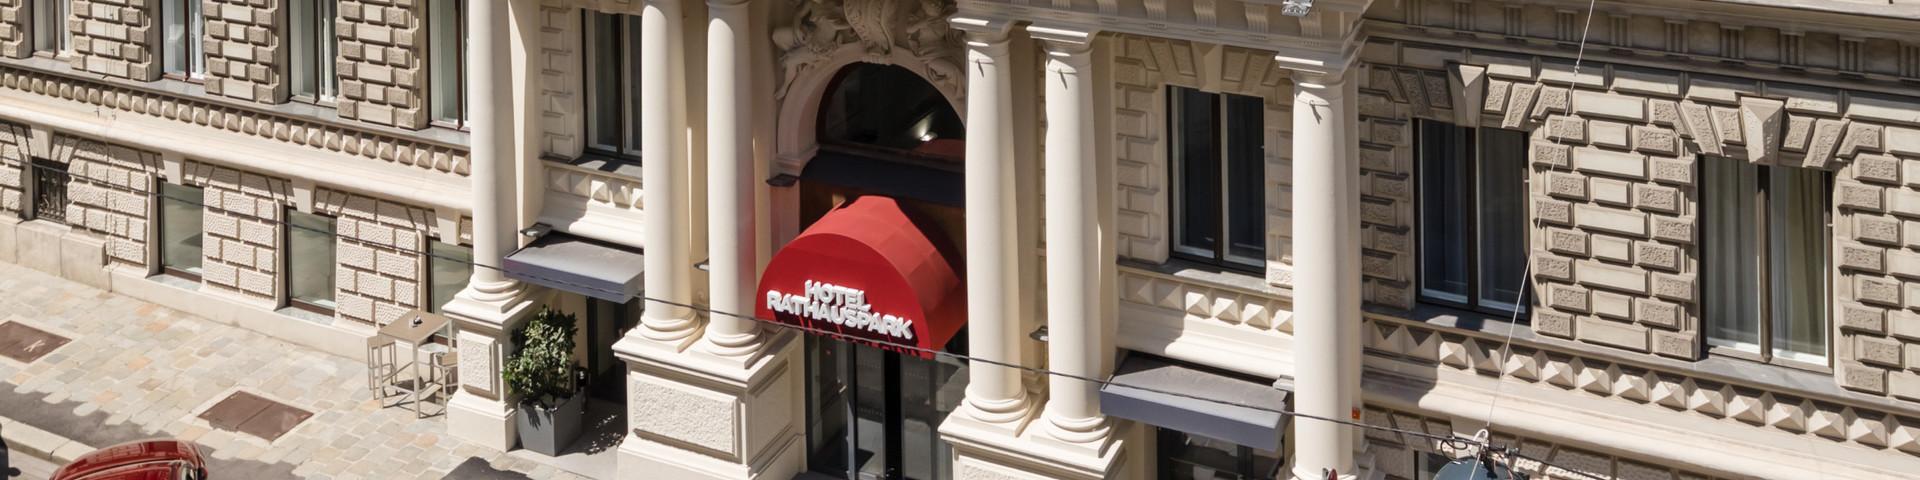 Austria Trend Hotel Rathauspark - Aussenansicht © Austria Trend Hotels